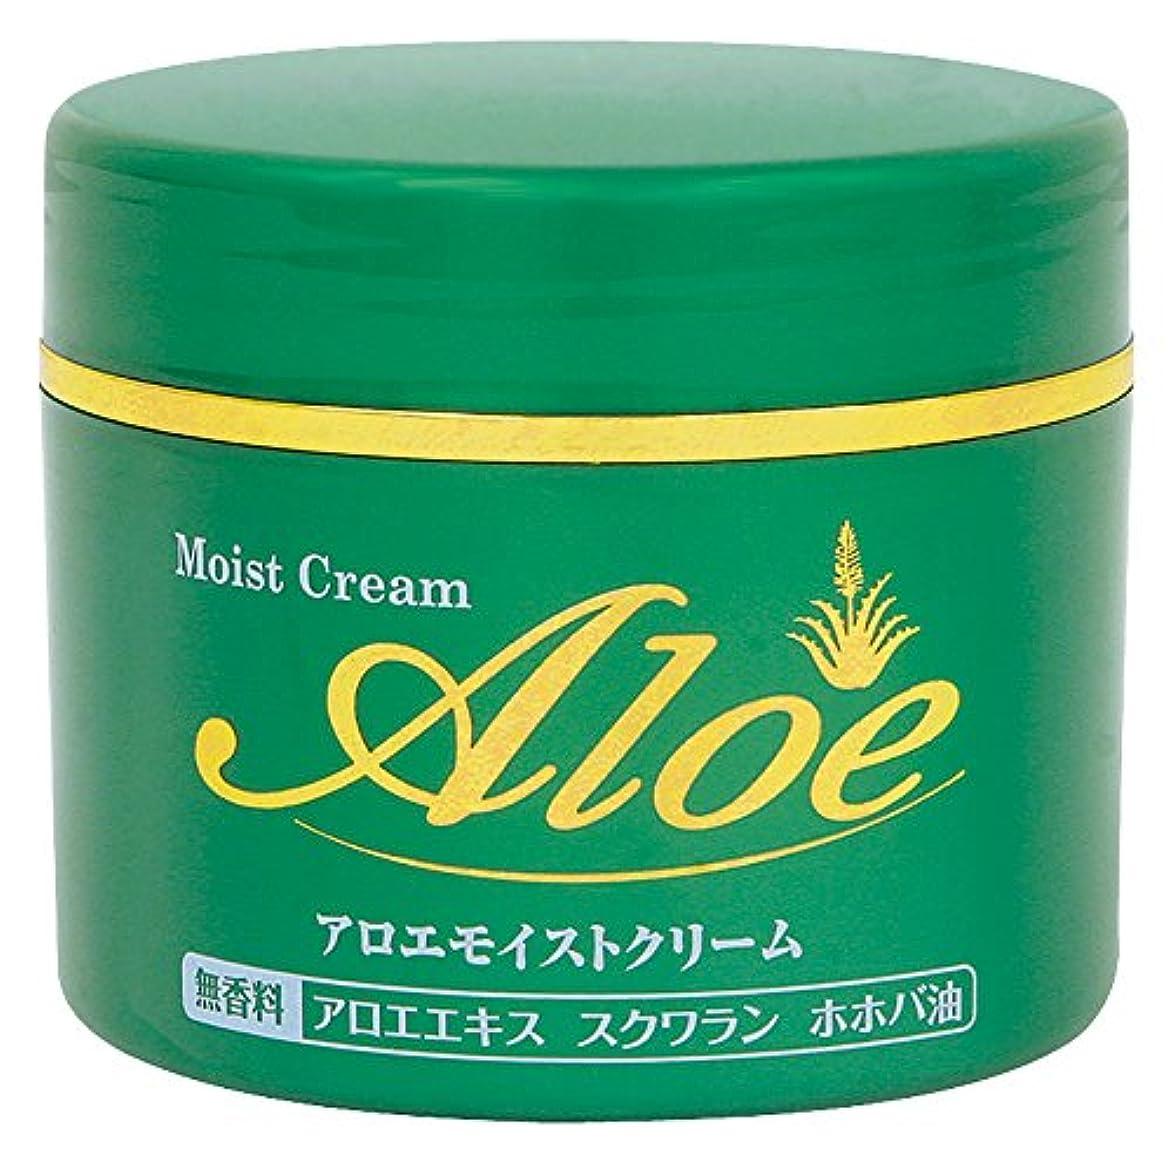 バレーボール維持する協力的井藤漢方製薬 アロエモイストクリーム 160g (アロエクリーム 化粧品)